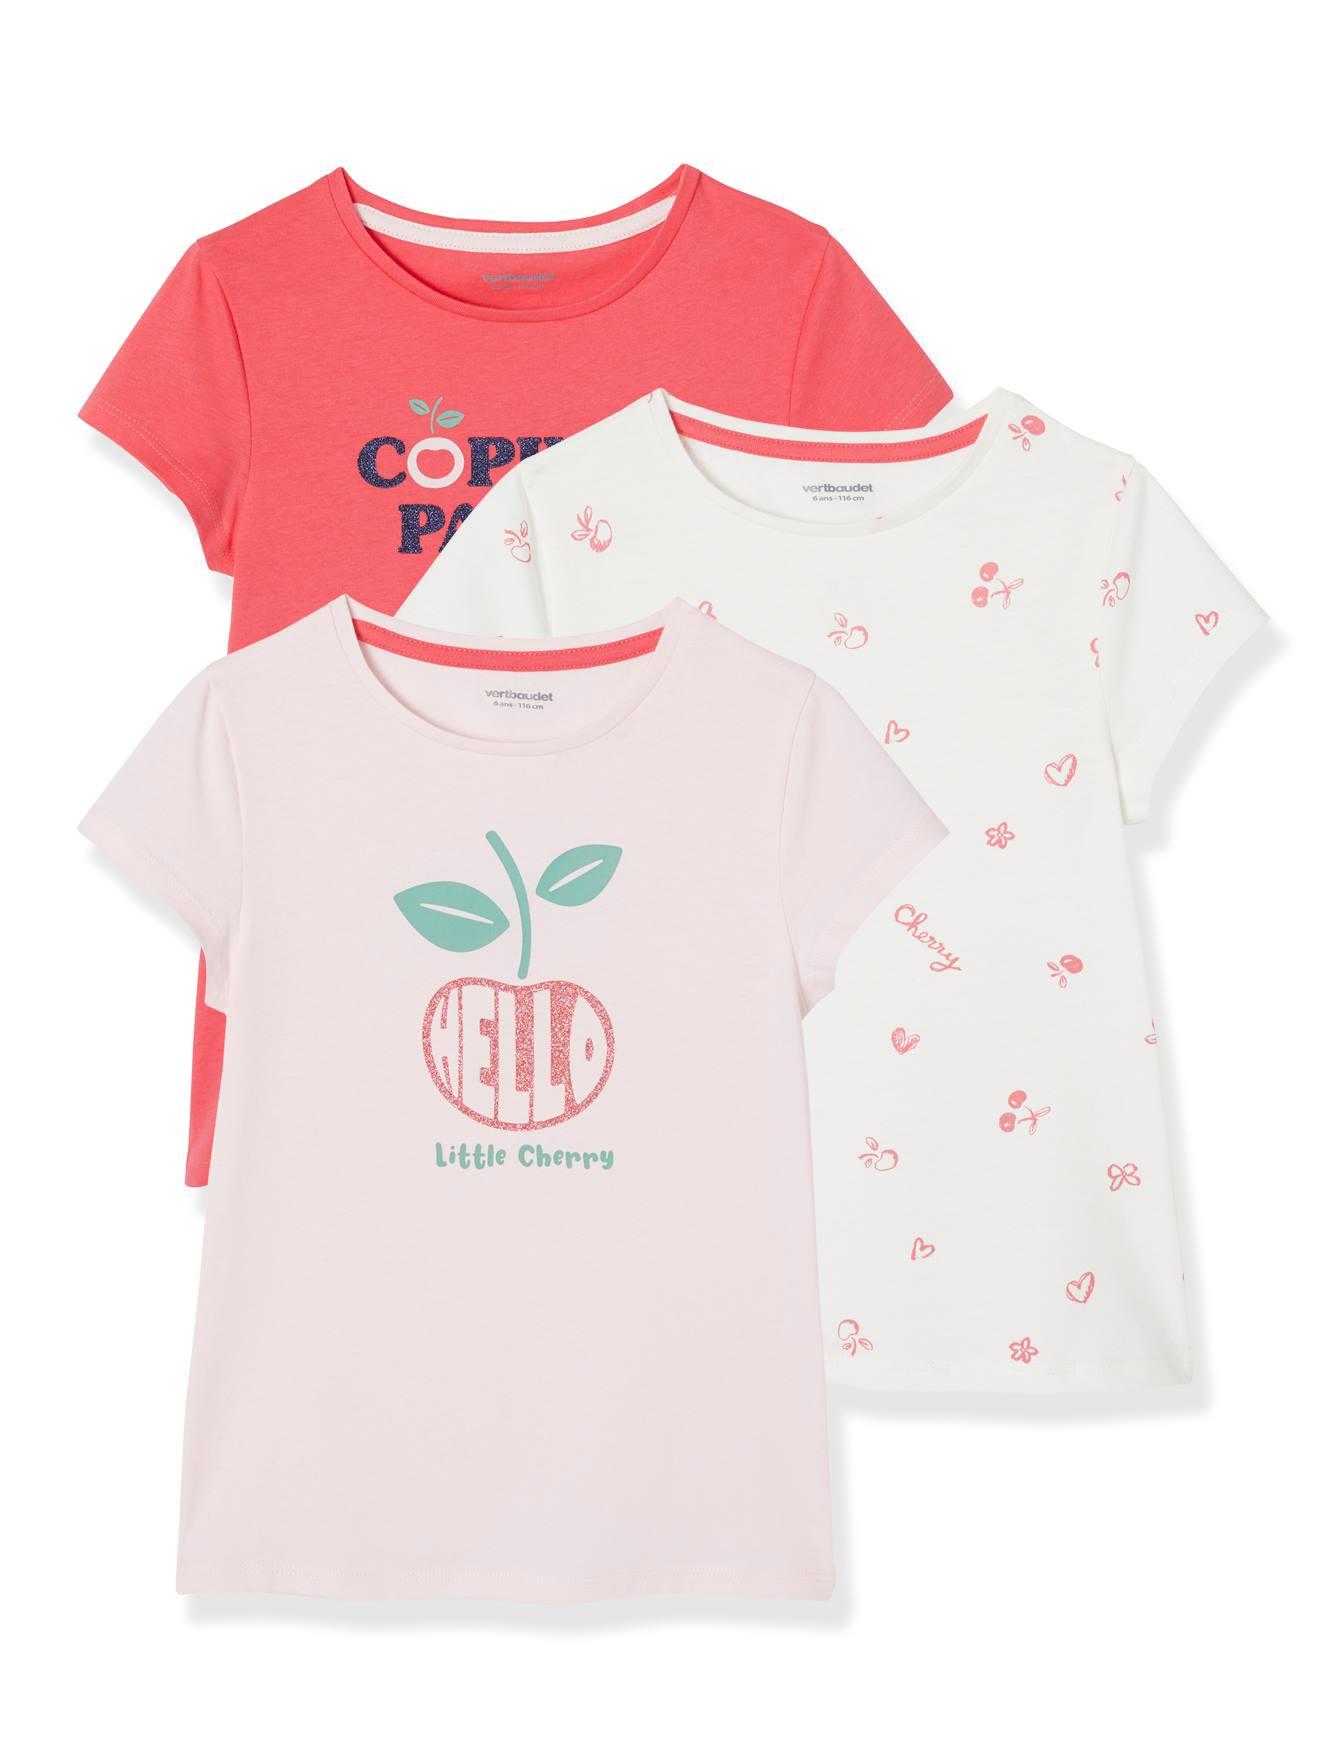 Lote de 3 t-shirts sortidas com detalhes irisados, para menina rosa claro bicolor/multicolor